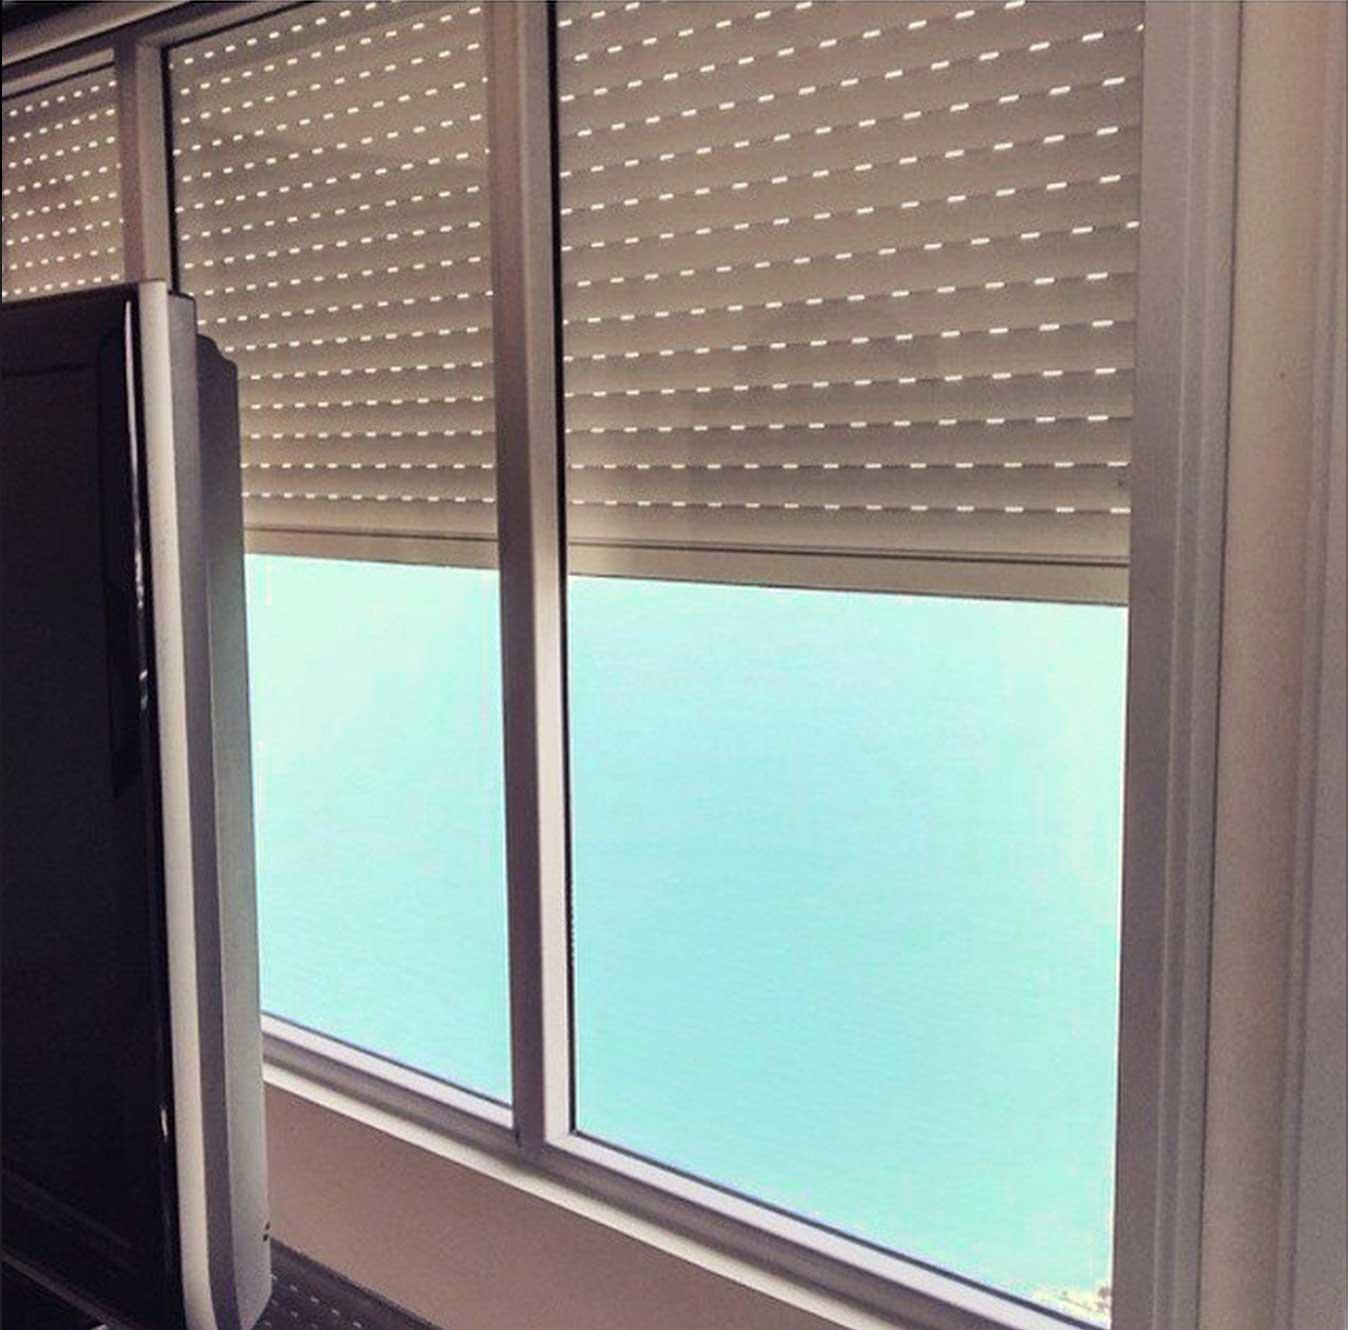 Integruotos apsaugin s aliuz s simena - Serranda finestra ...